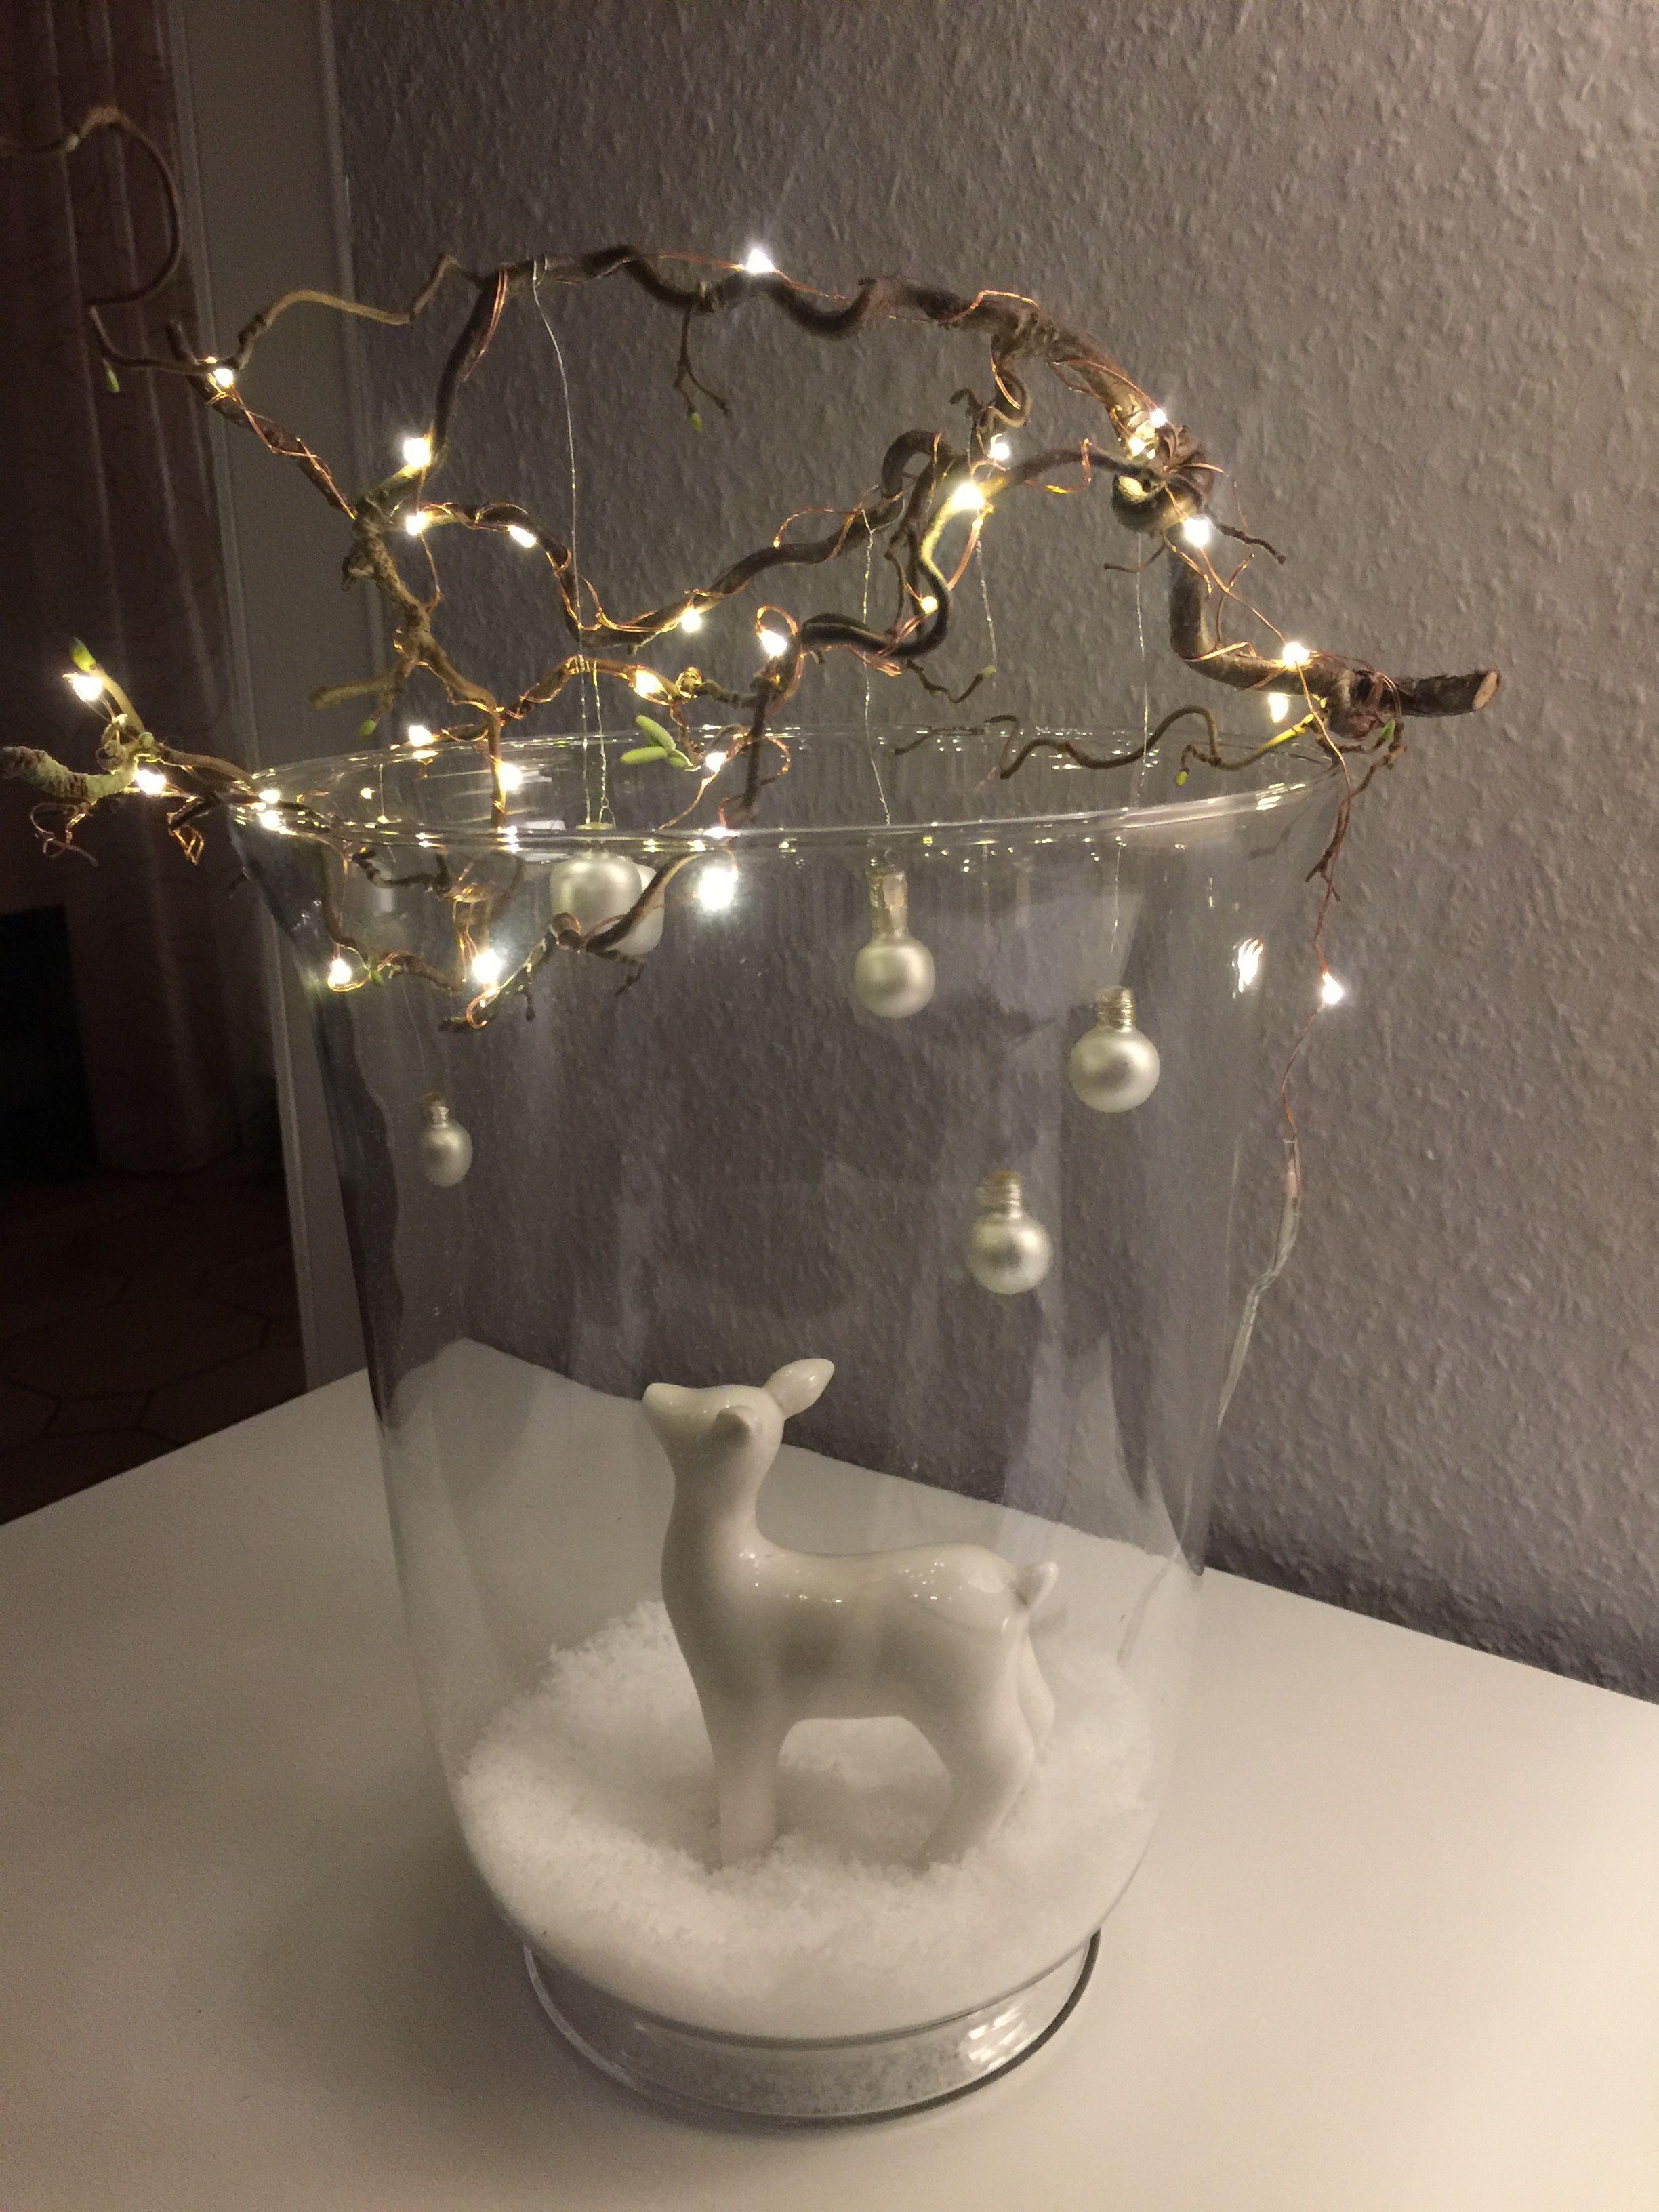 Reh im glas #weihnachtsfensterdeko Reh im glas #wellnessimglas